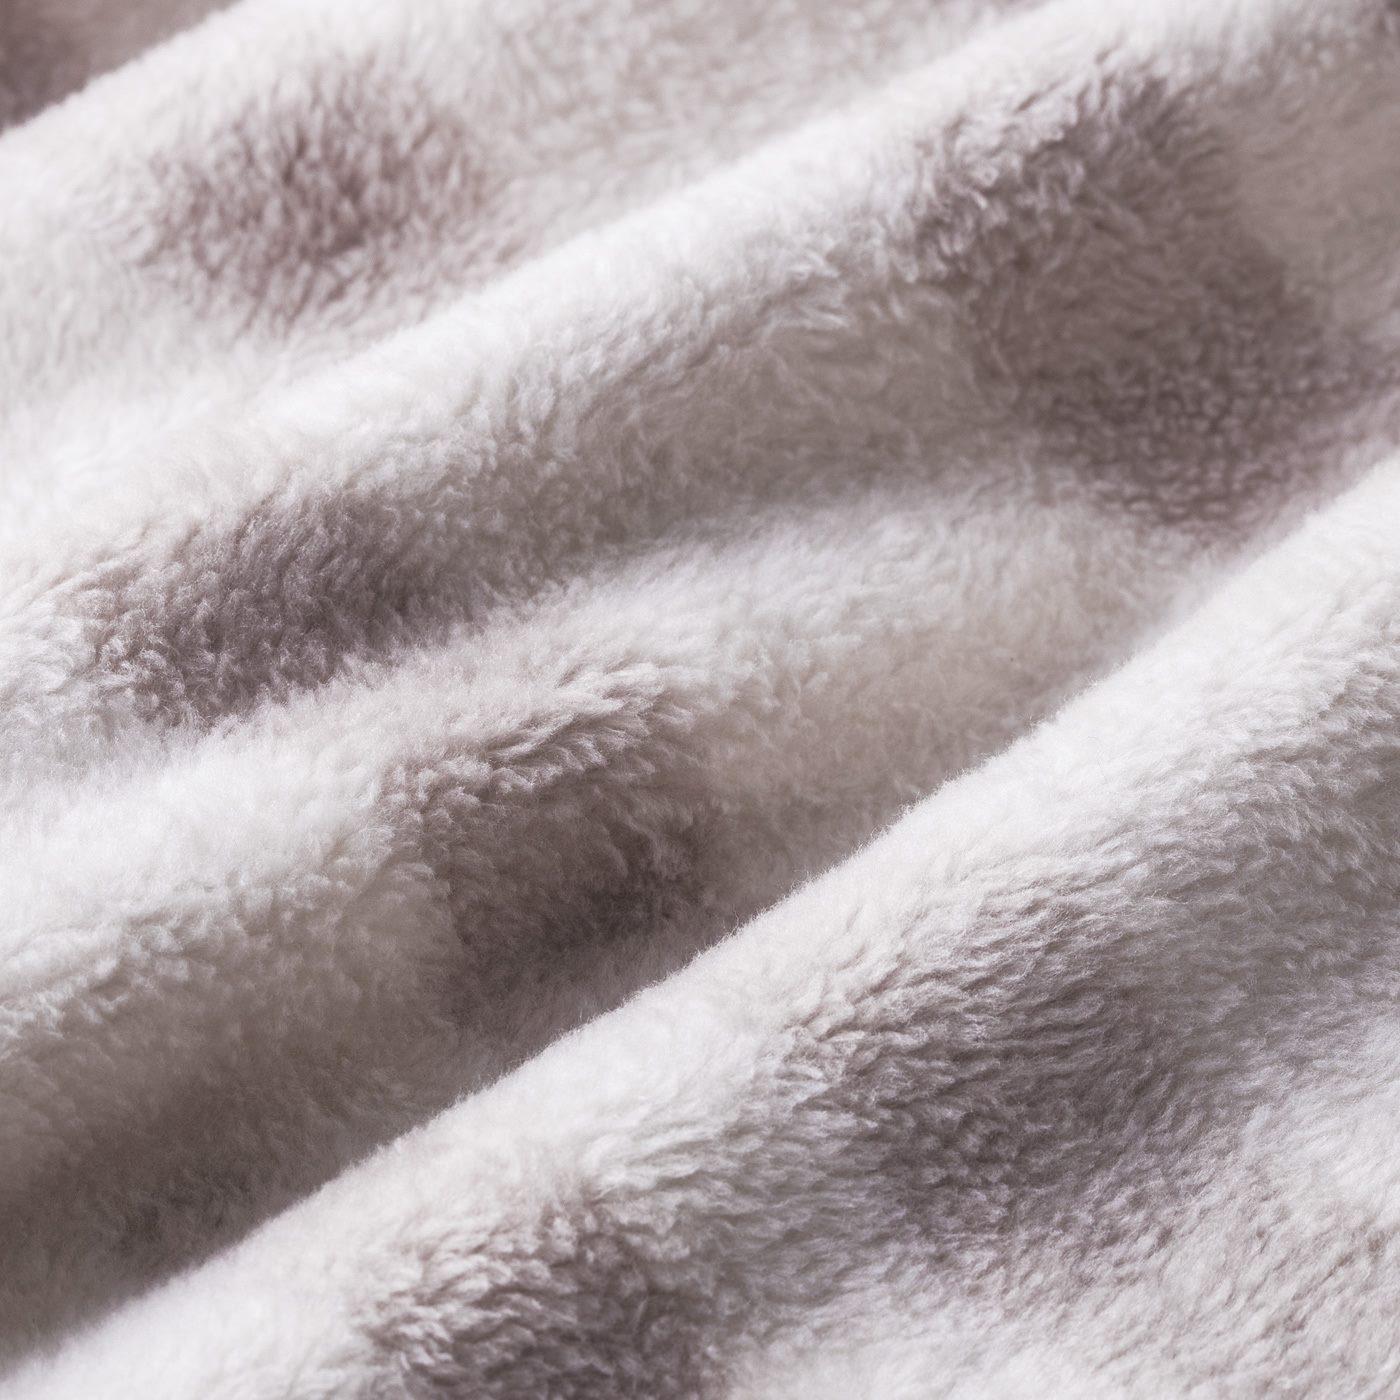 ふわふわ気持ちのいい起毛素材で、猫の毛並みを表現。